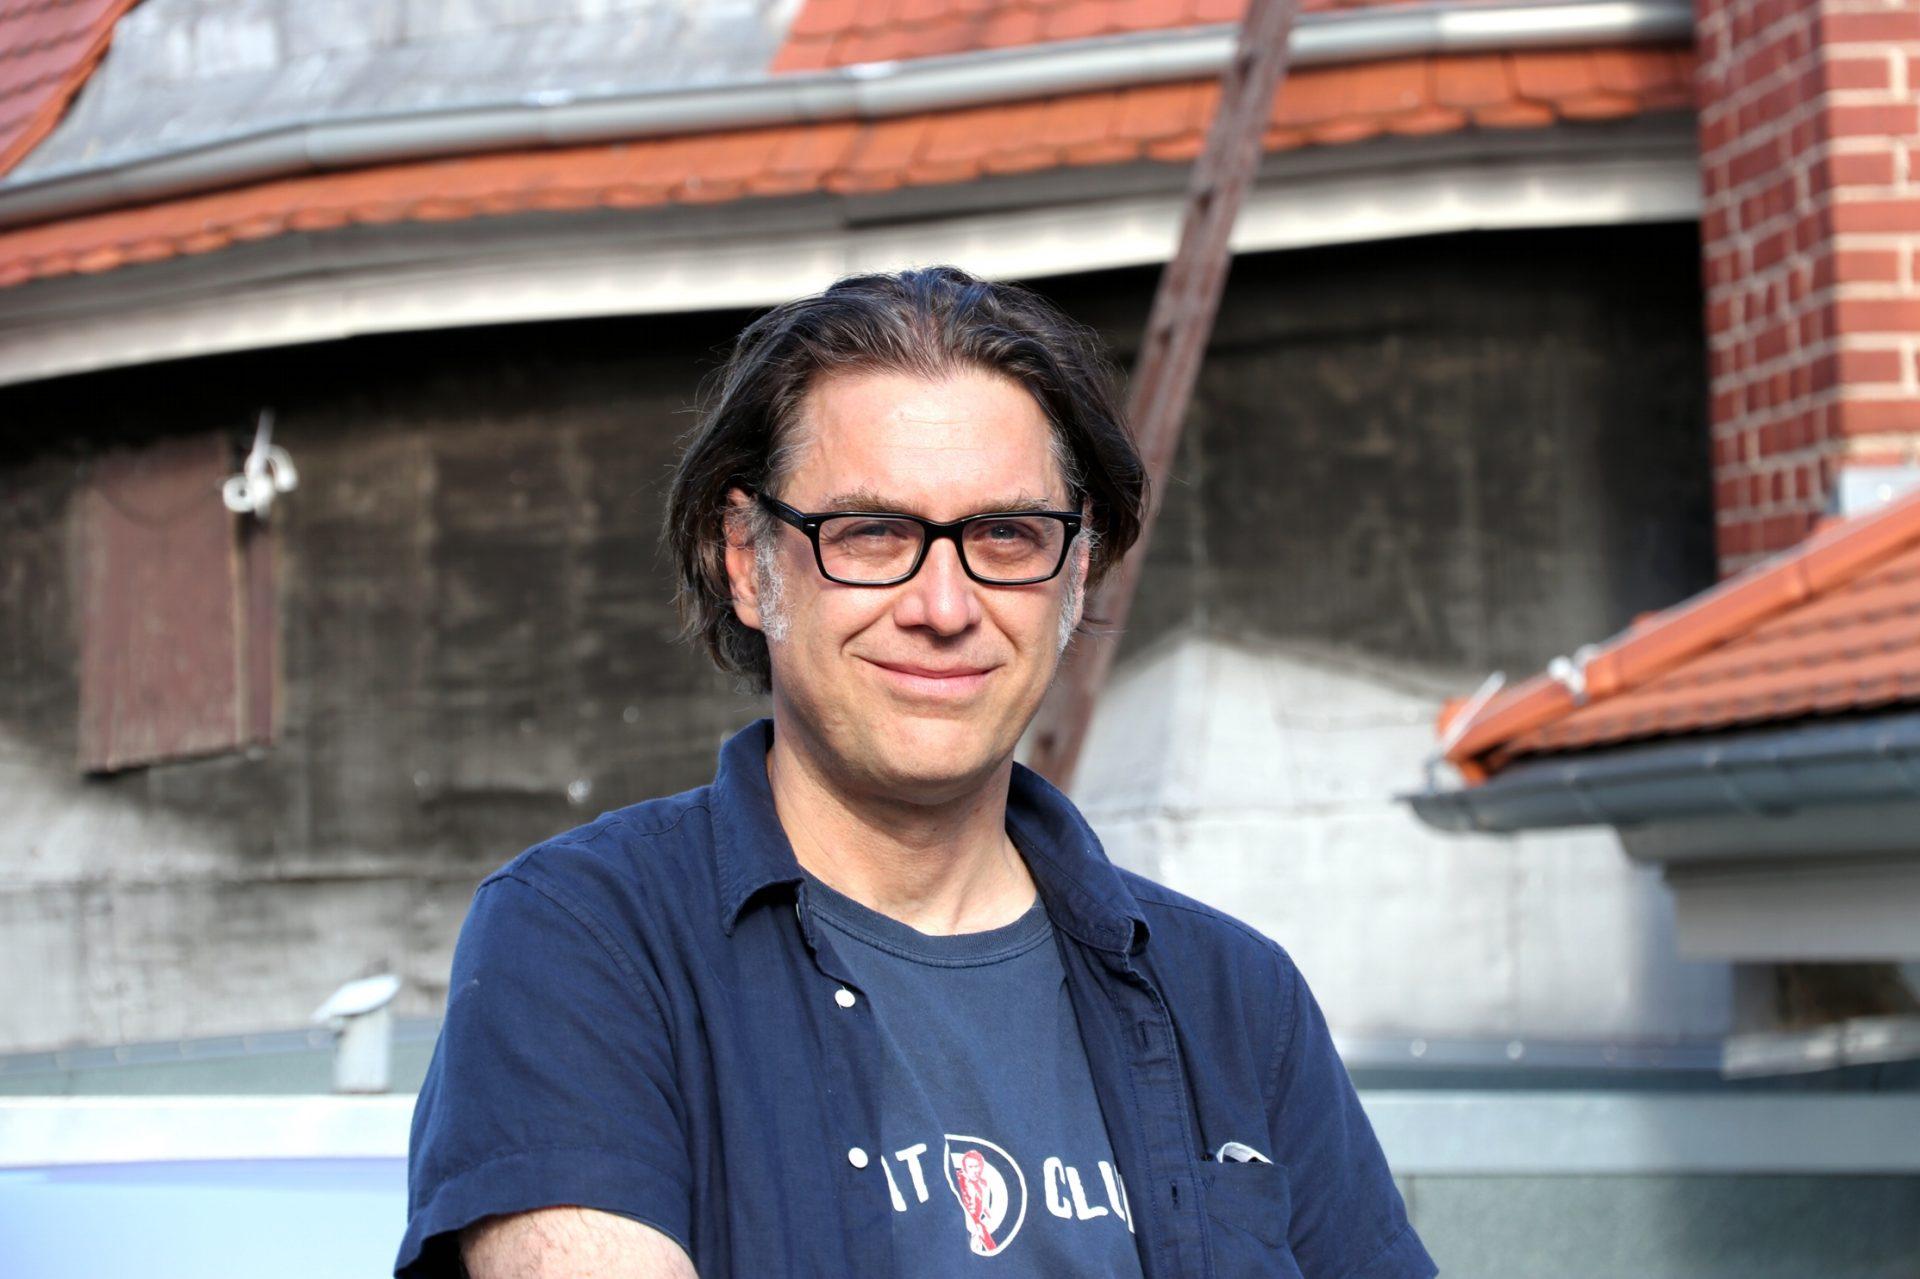 (Noch) gelassen durch die Krise: Jörg Folta, Betreiber des Felsenkellers. Foto: LZ